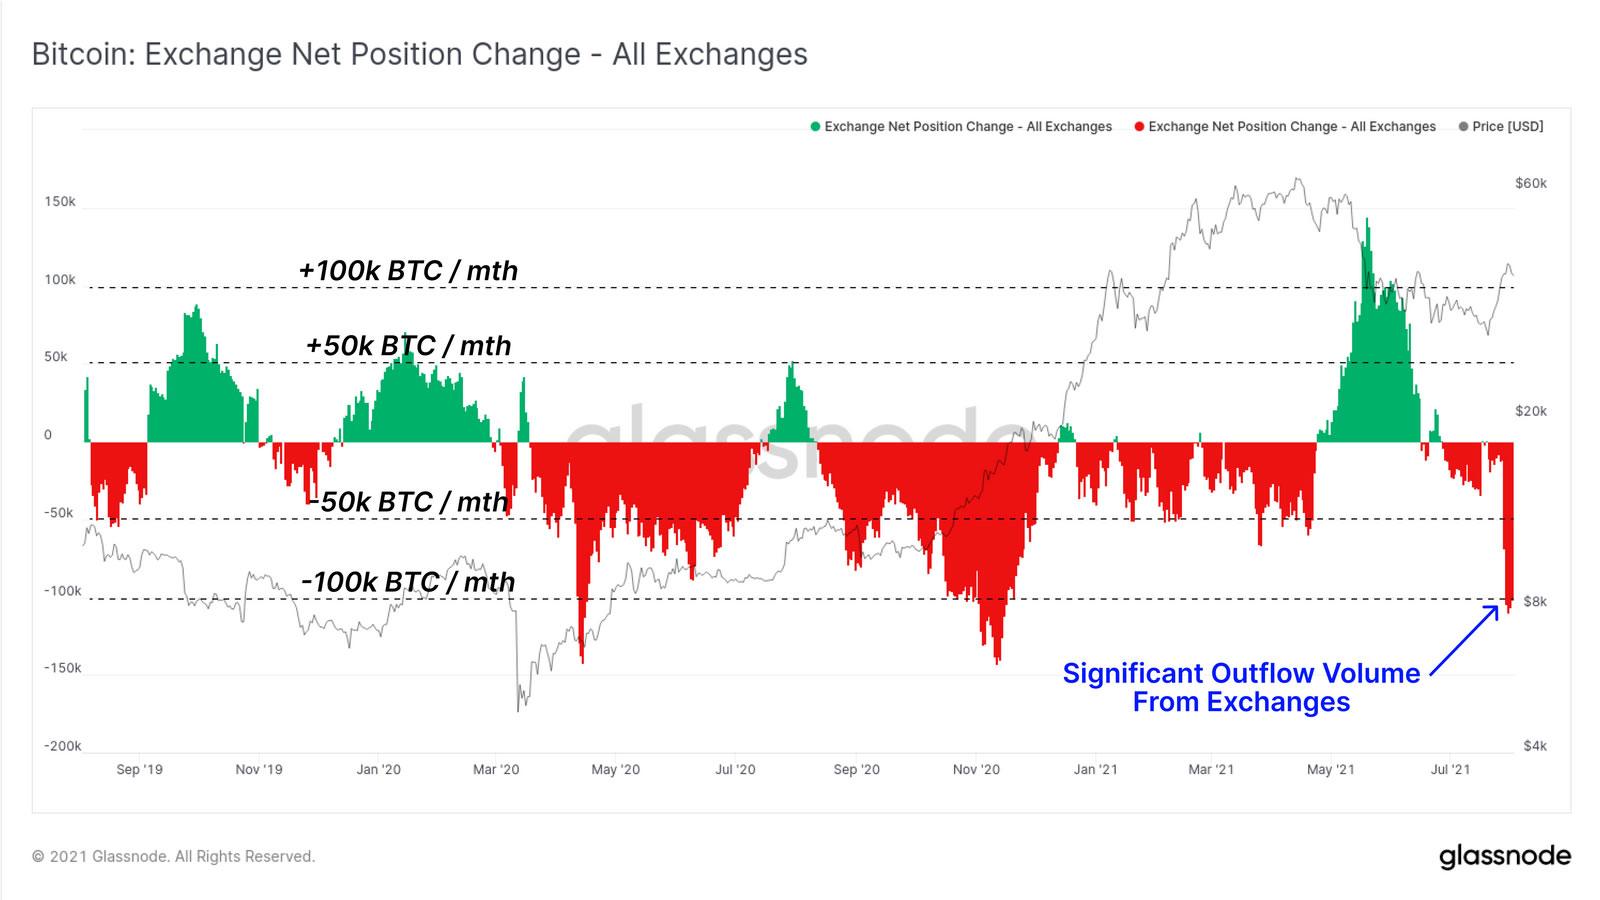 Отток биткоинов из централизованных бирж превысил 100 тыс. BTC в месяц